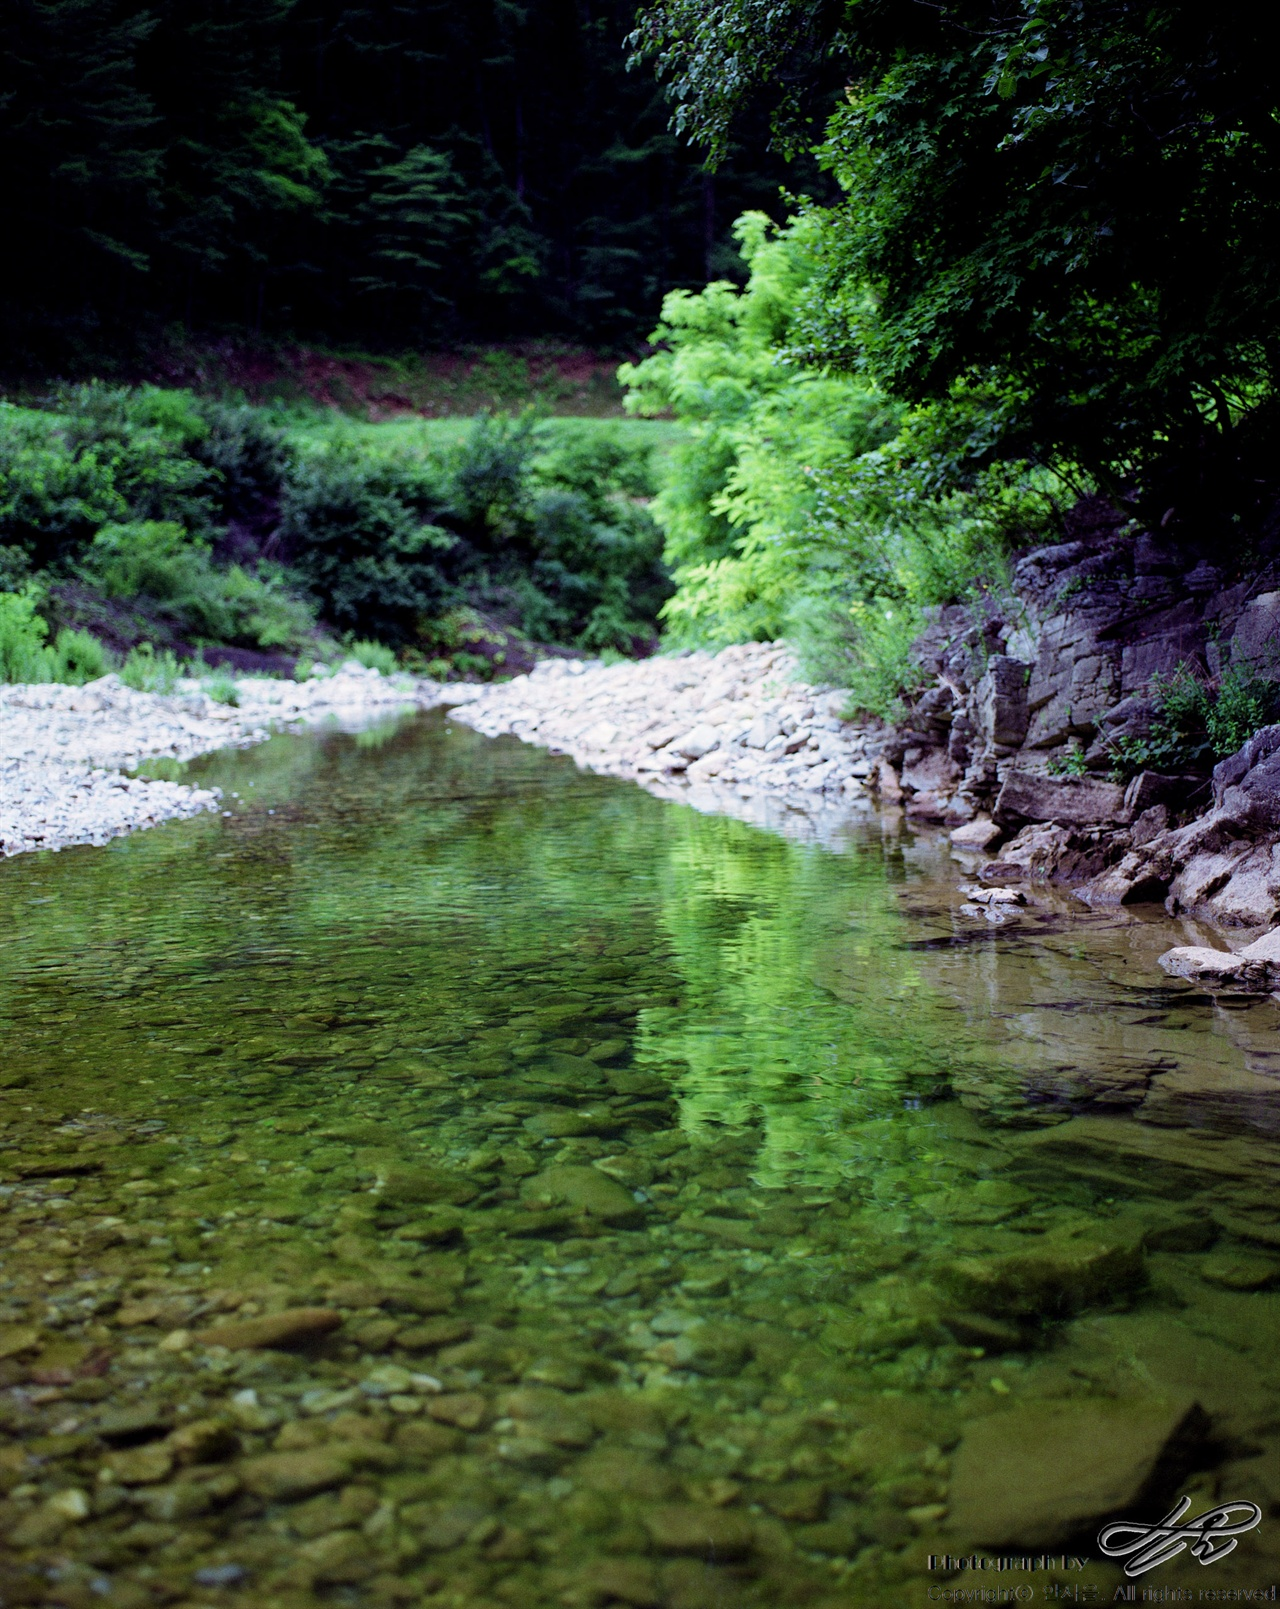 연둣빛 (67ii/Pro160NS)이번 여행의 모든 사진은 후지필름을 사용했는데, 예전부터 녹색의 발색이 화려하다는 평을 받고 있기 때문. 물이 지나가는 길이면서 찻길이면서 탐방로이기도 한 곳.